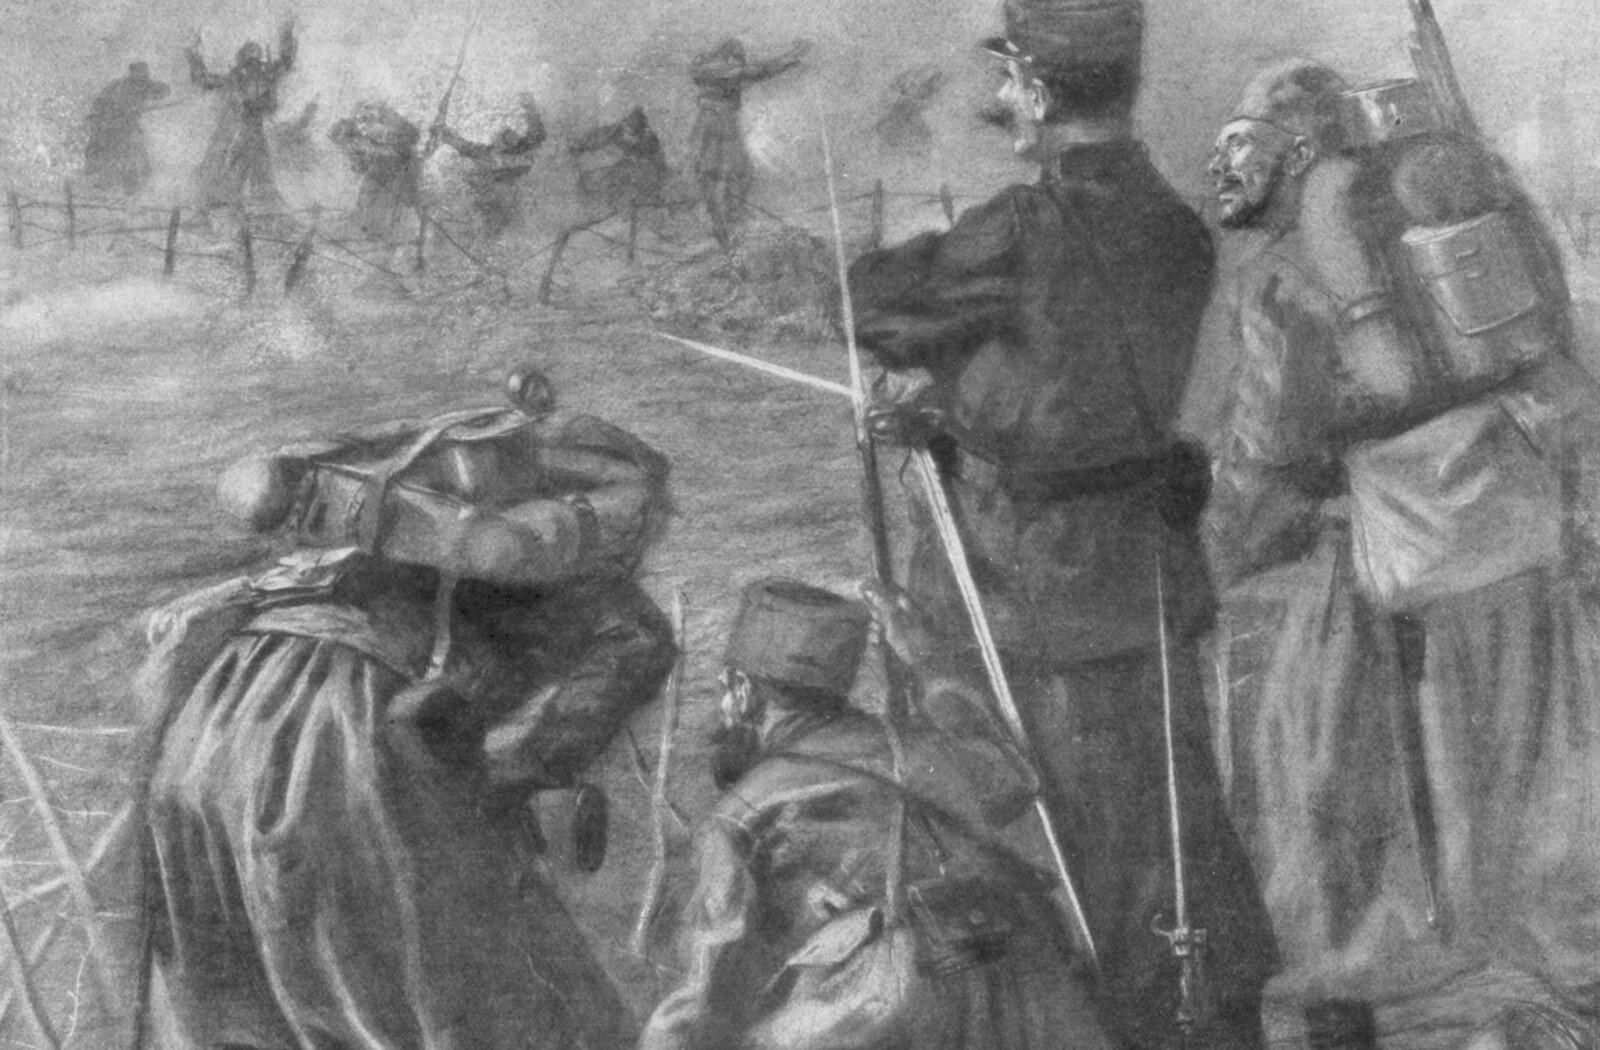 <b>FØRSTE KLORGASSDØD:</b> Franske og algeriske soldater (zouaves) segner om under det andre slaget ved Ypres i Belgia 22. april 1915. Mot slutten av krigen hadde begge krigførende parter en utstrakt bruk av giftgass.